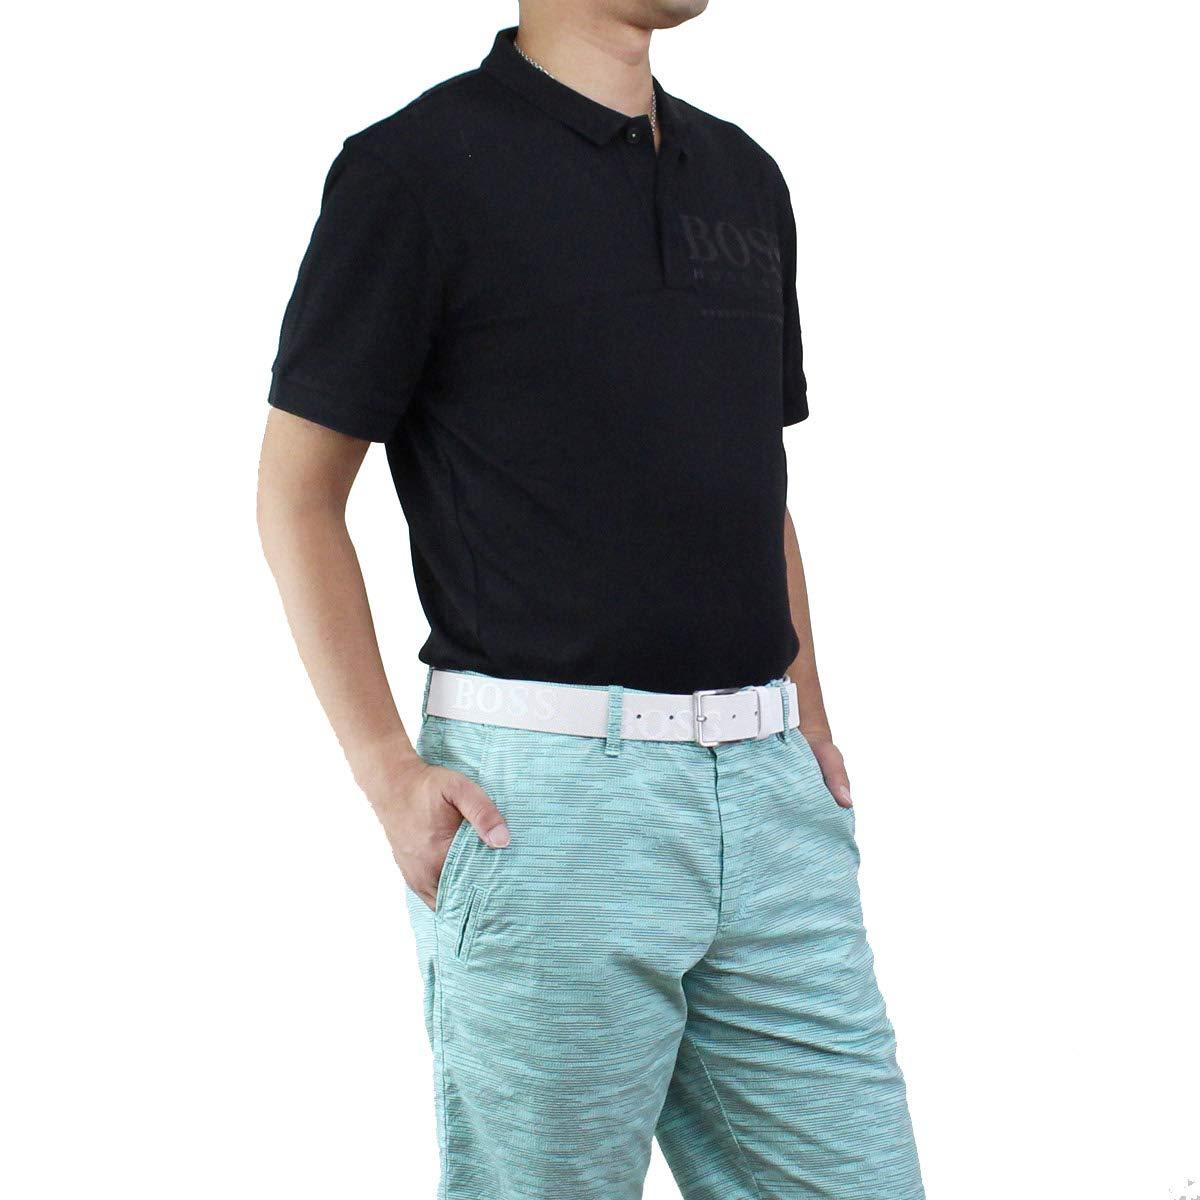 ヒューゴ ボス HUGO BOSS PL-TECH メンズ ロゴ入り ポロシャツ 半袖 ゴルフウェア 50399317 10208645 001 ブラック サイズ:#L [並行輸入品]   B07SPVZ62V